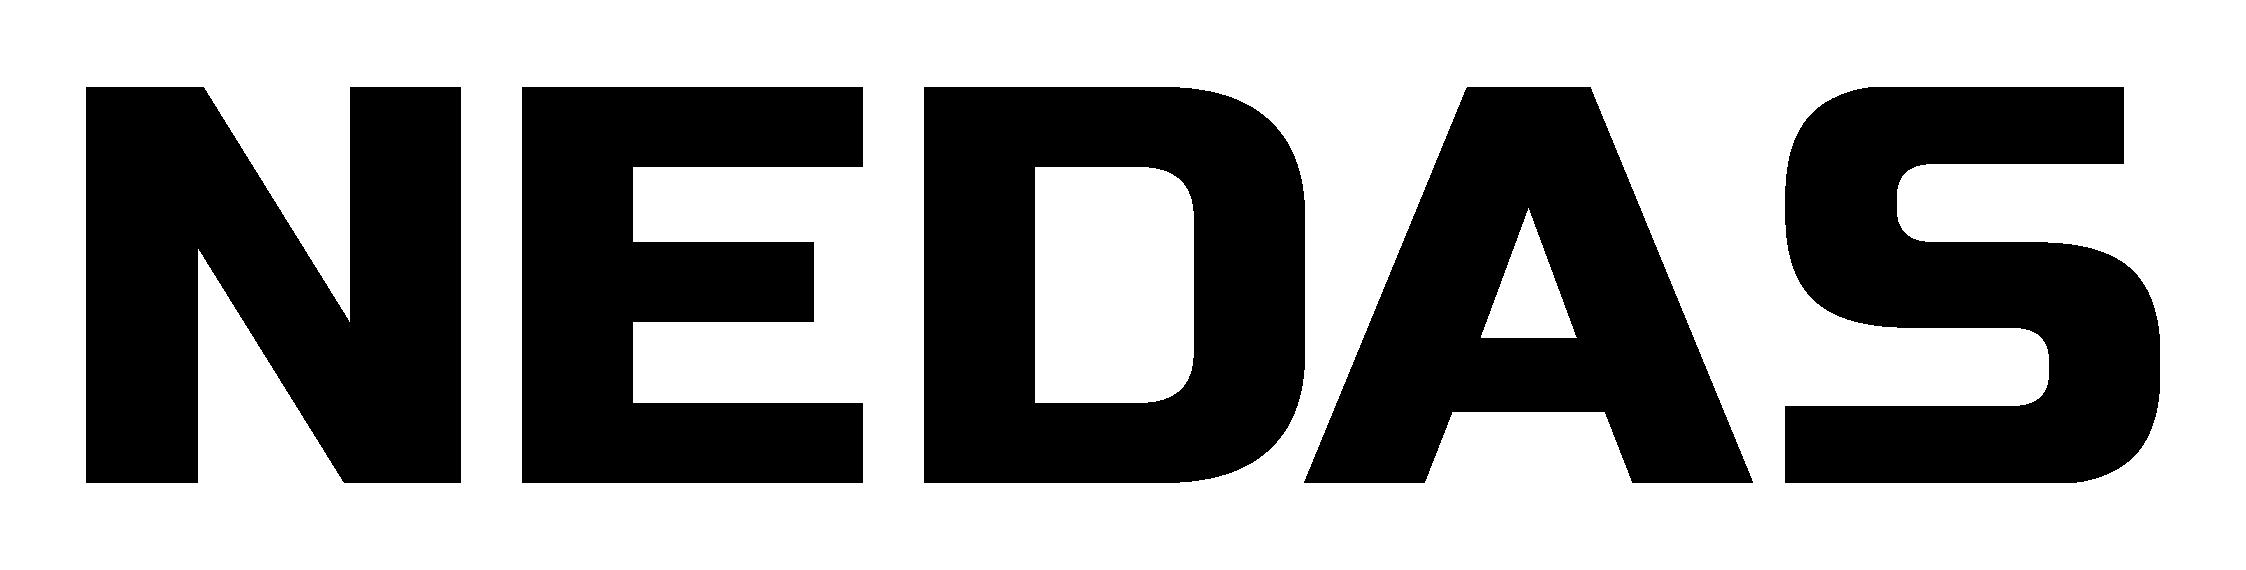 NEDAS_Main_Logo_B